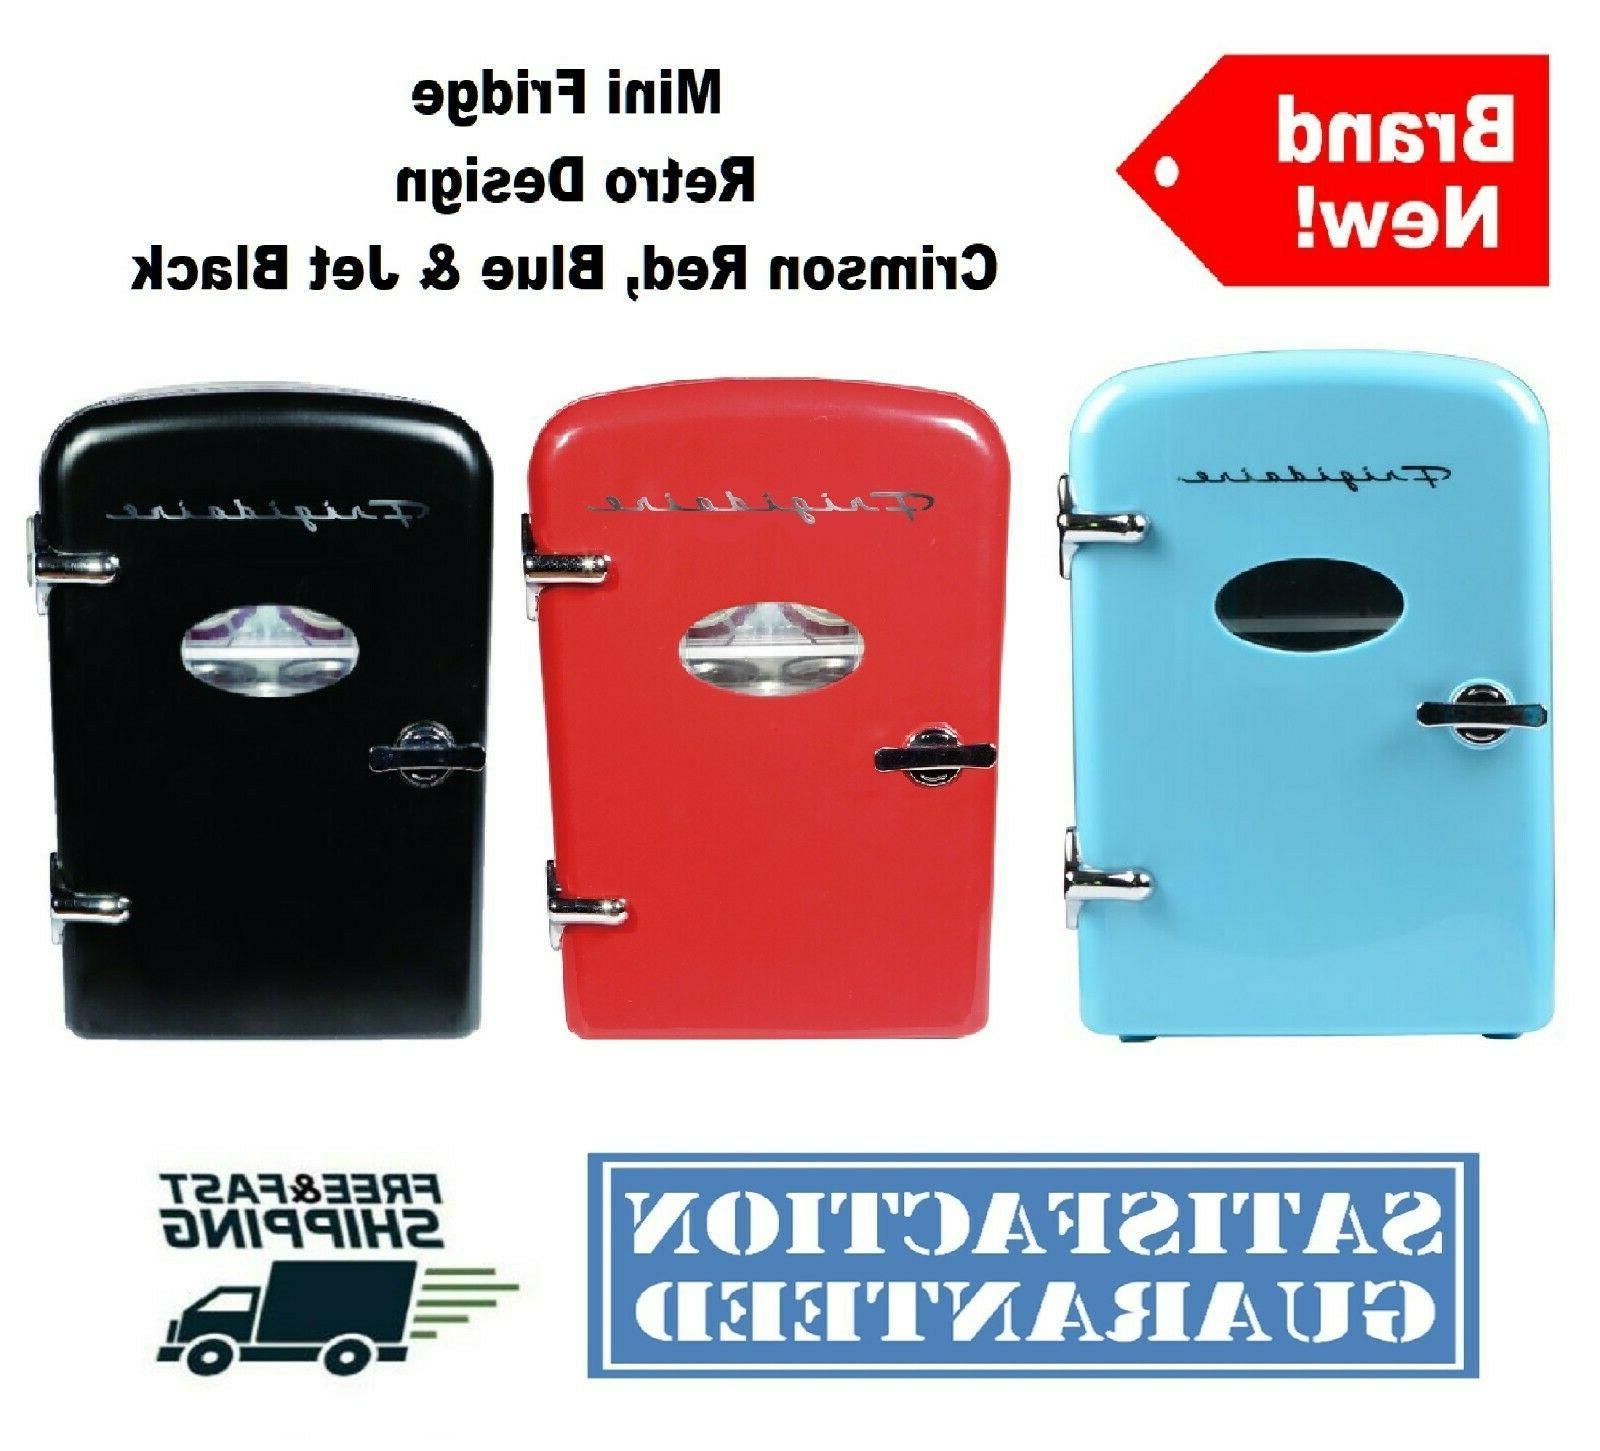 portable retro design mini fridge 6 can